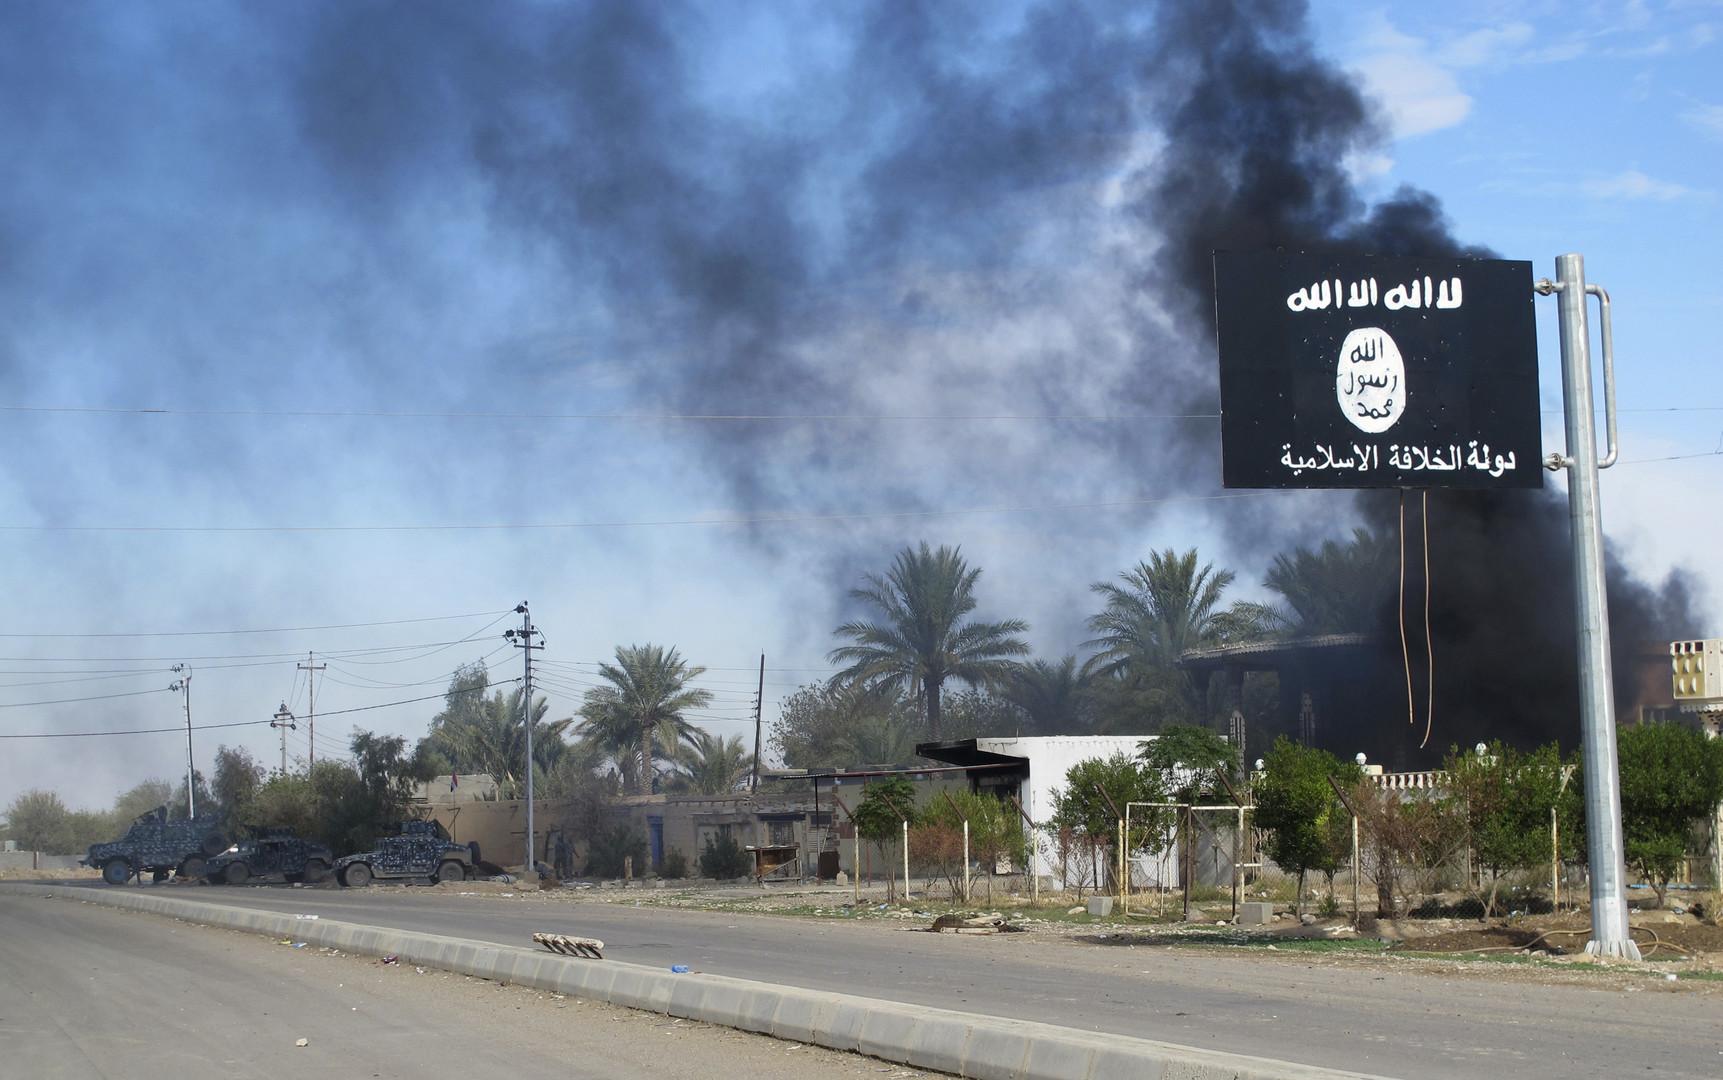 СМИ: Сирия передала Великобритании список иностранных сторонников ИГ